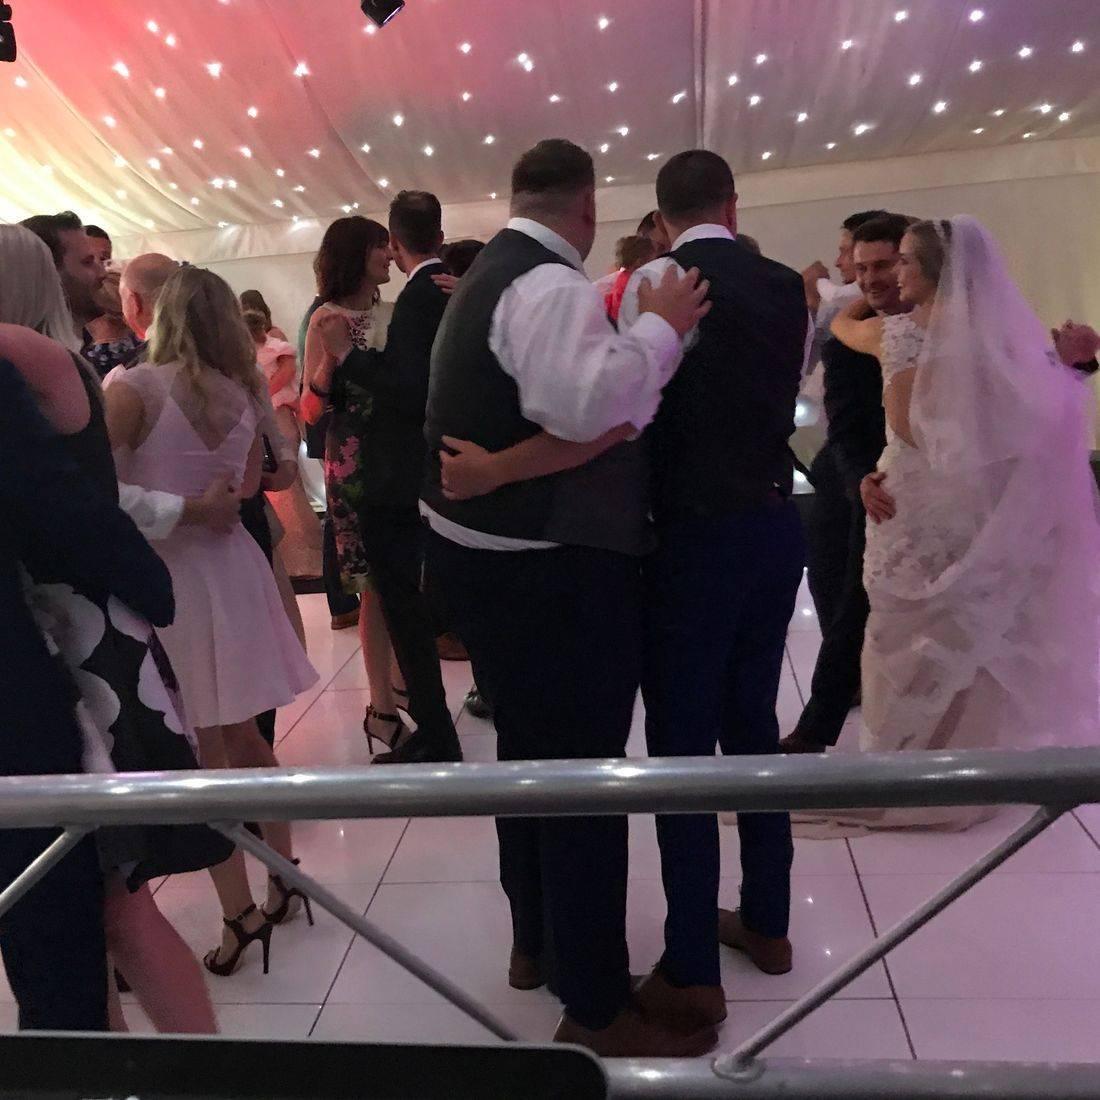 Wedding DJ Alrewas Hayes Lichfield, #DJ #WeddingDJ #birmingham #lichfield #Alrewas Hayes